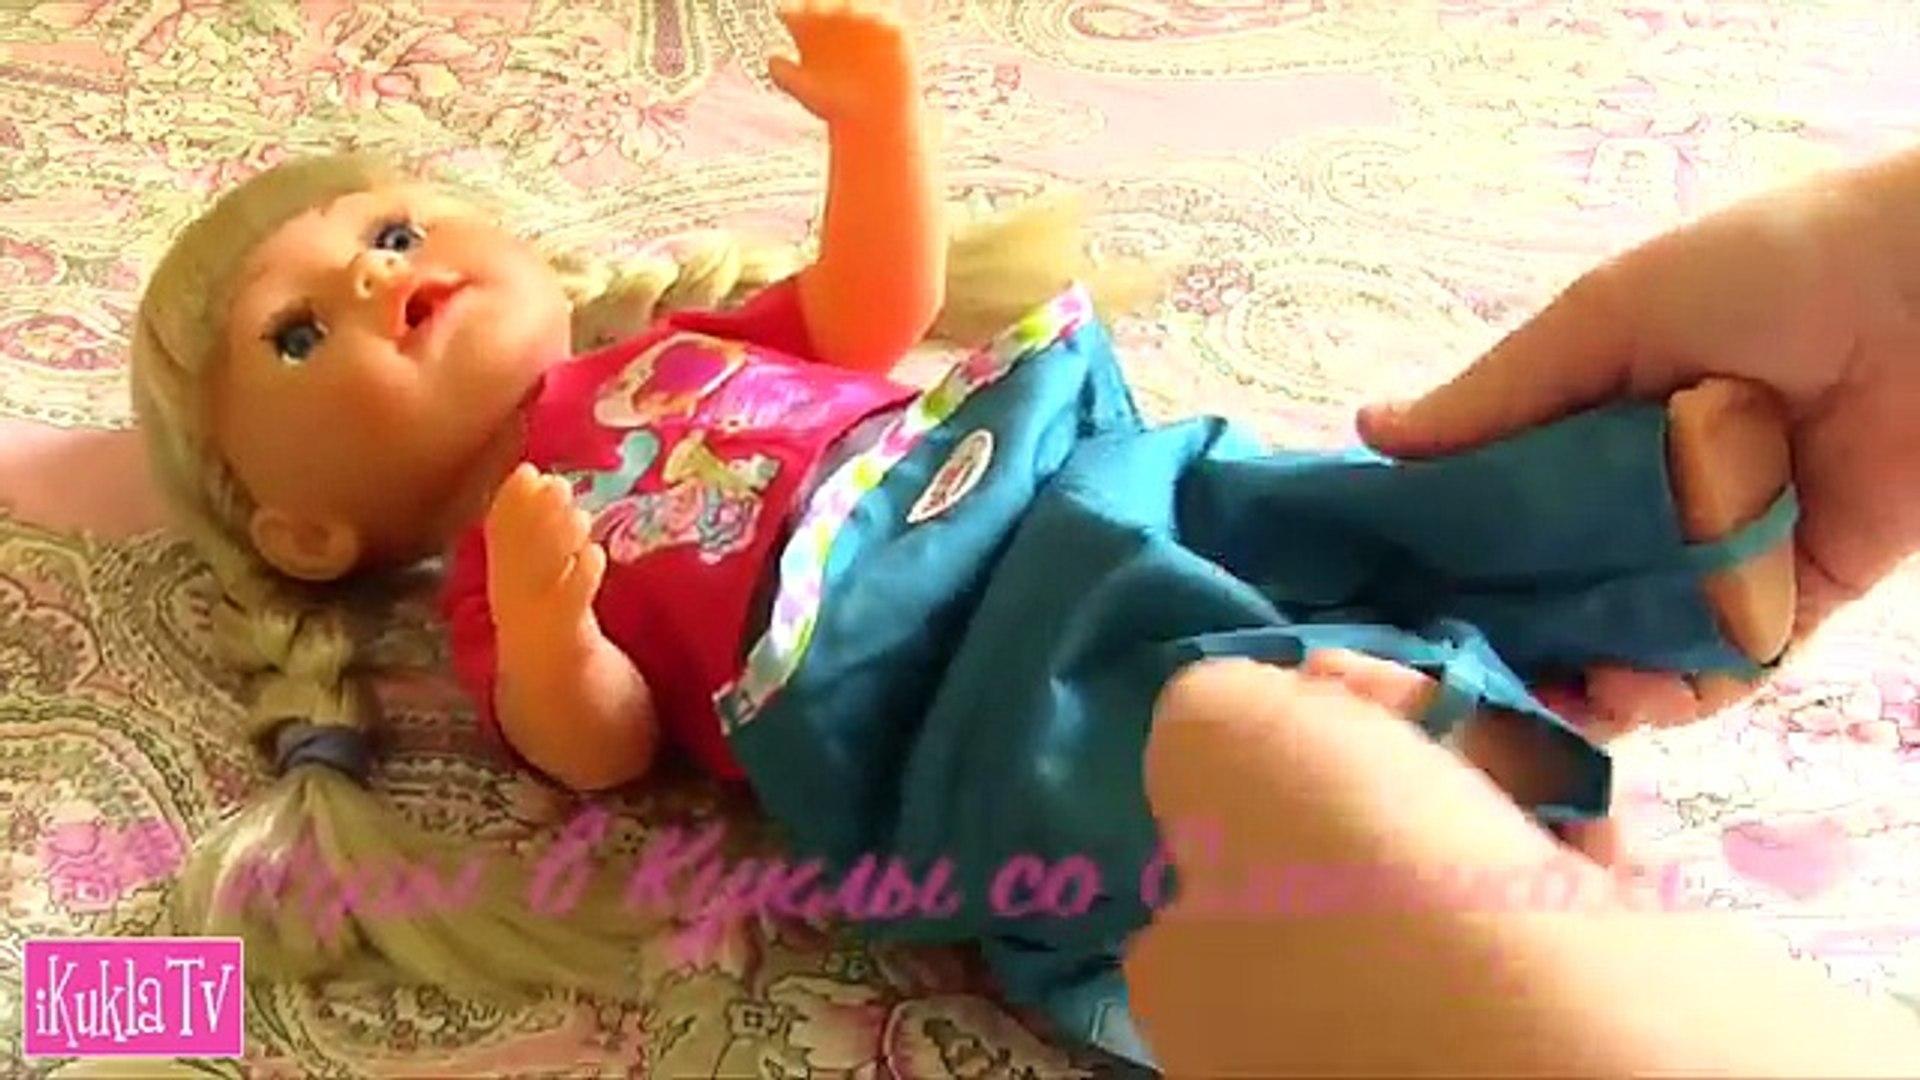 Сборник для детей с куклами Беби Бон Как МАМА играет с Baby Born